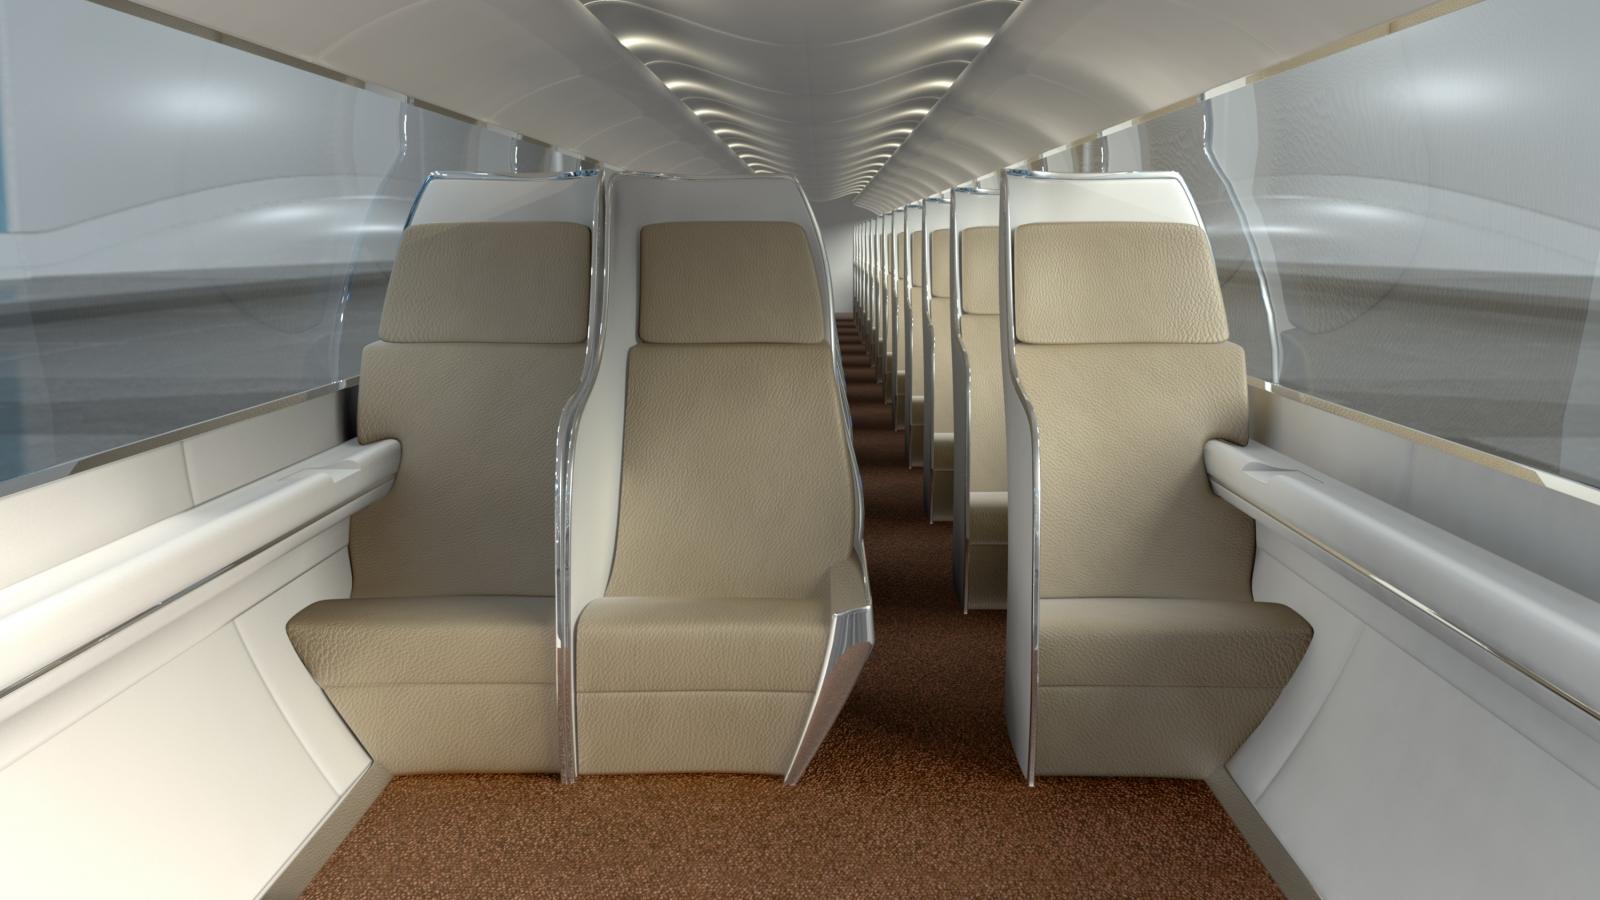 Hyperloop pod interior